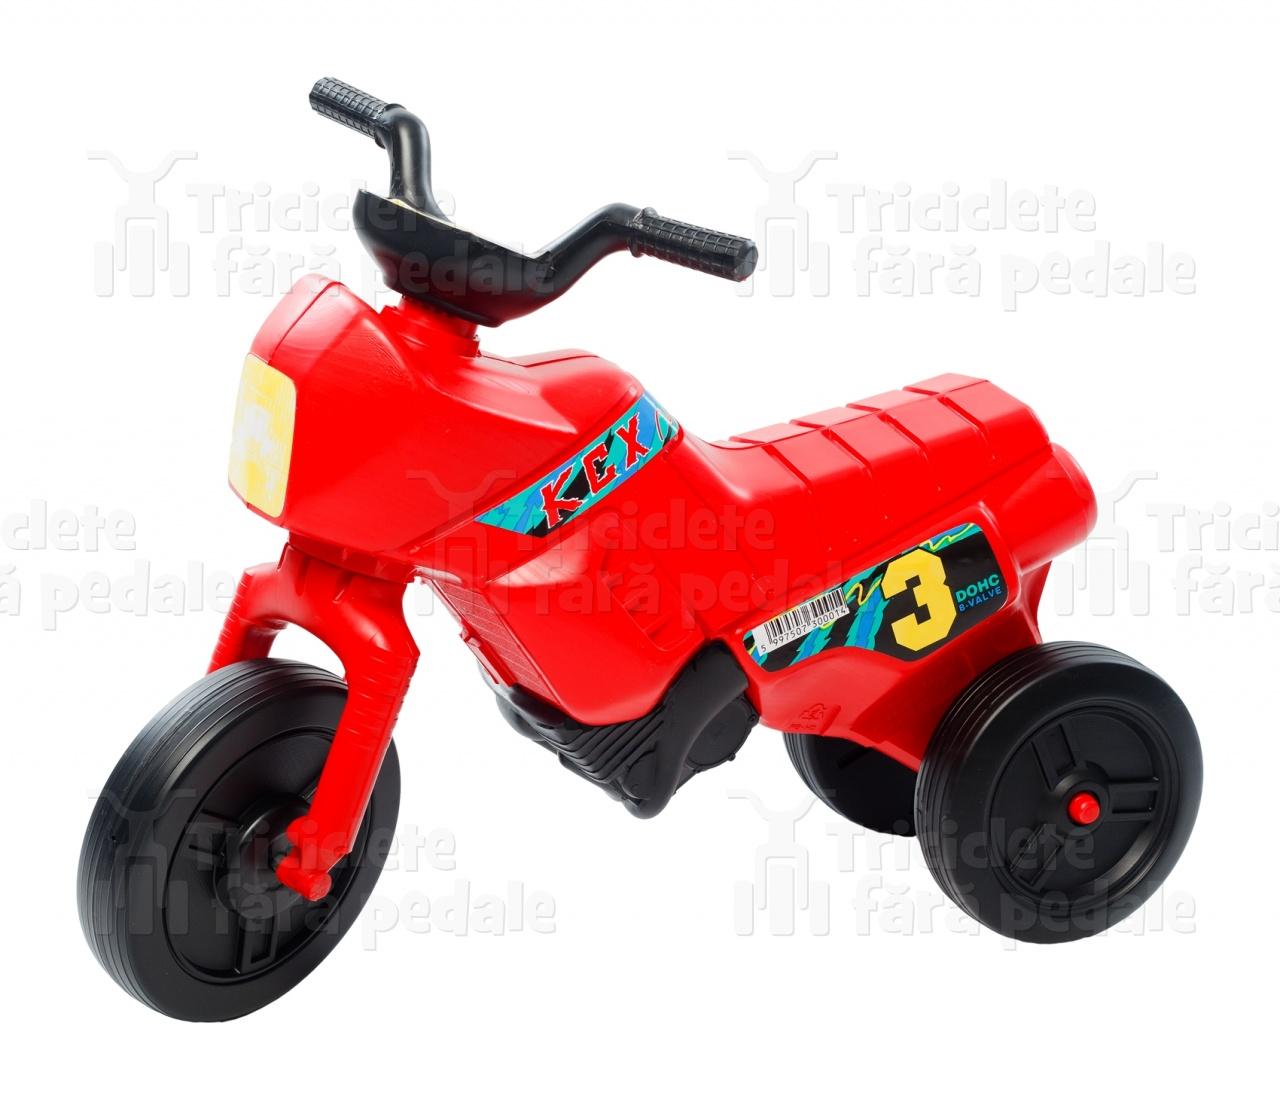 Product #1 image - Tricicletă fără pedale mini, roșu-negru